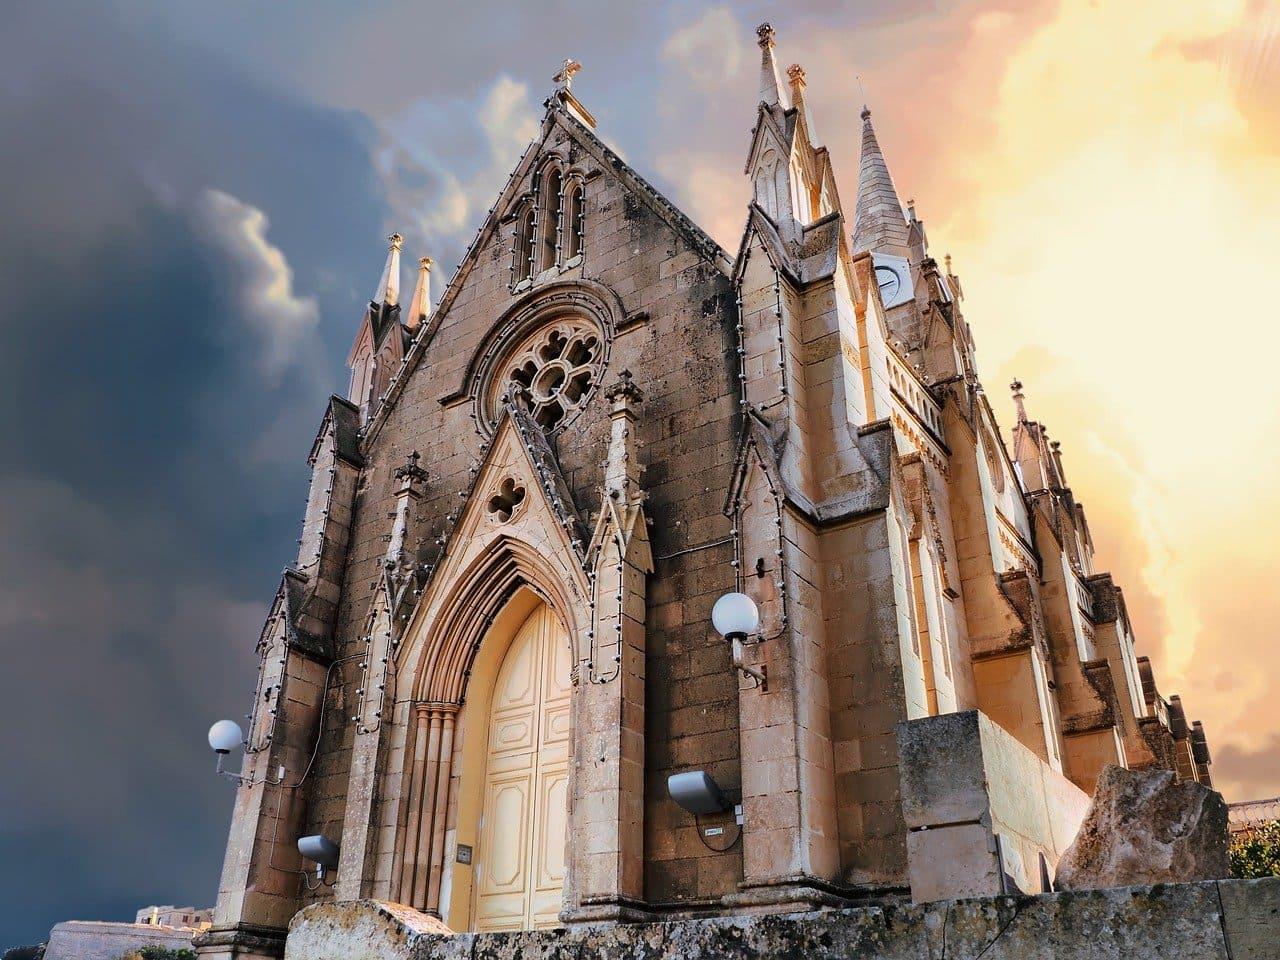 Peculiarities of religious architecture